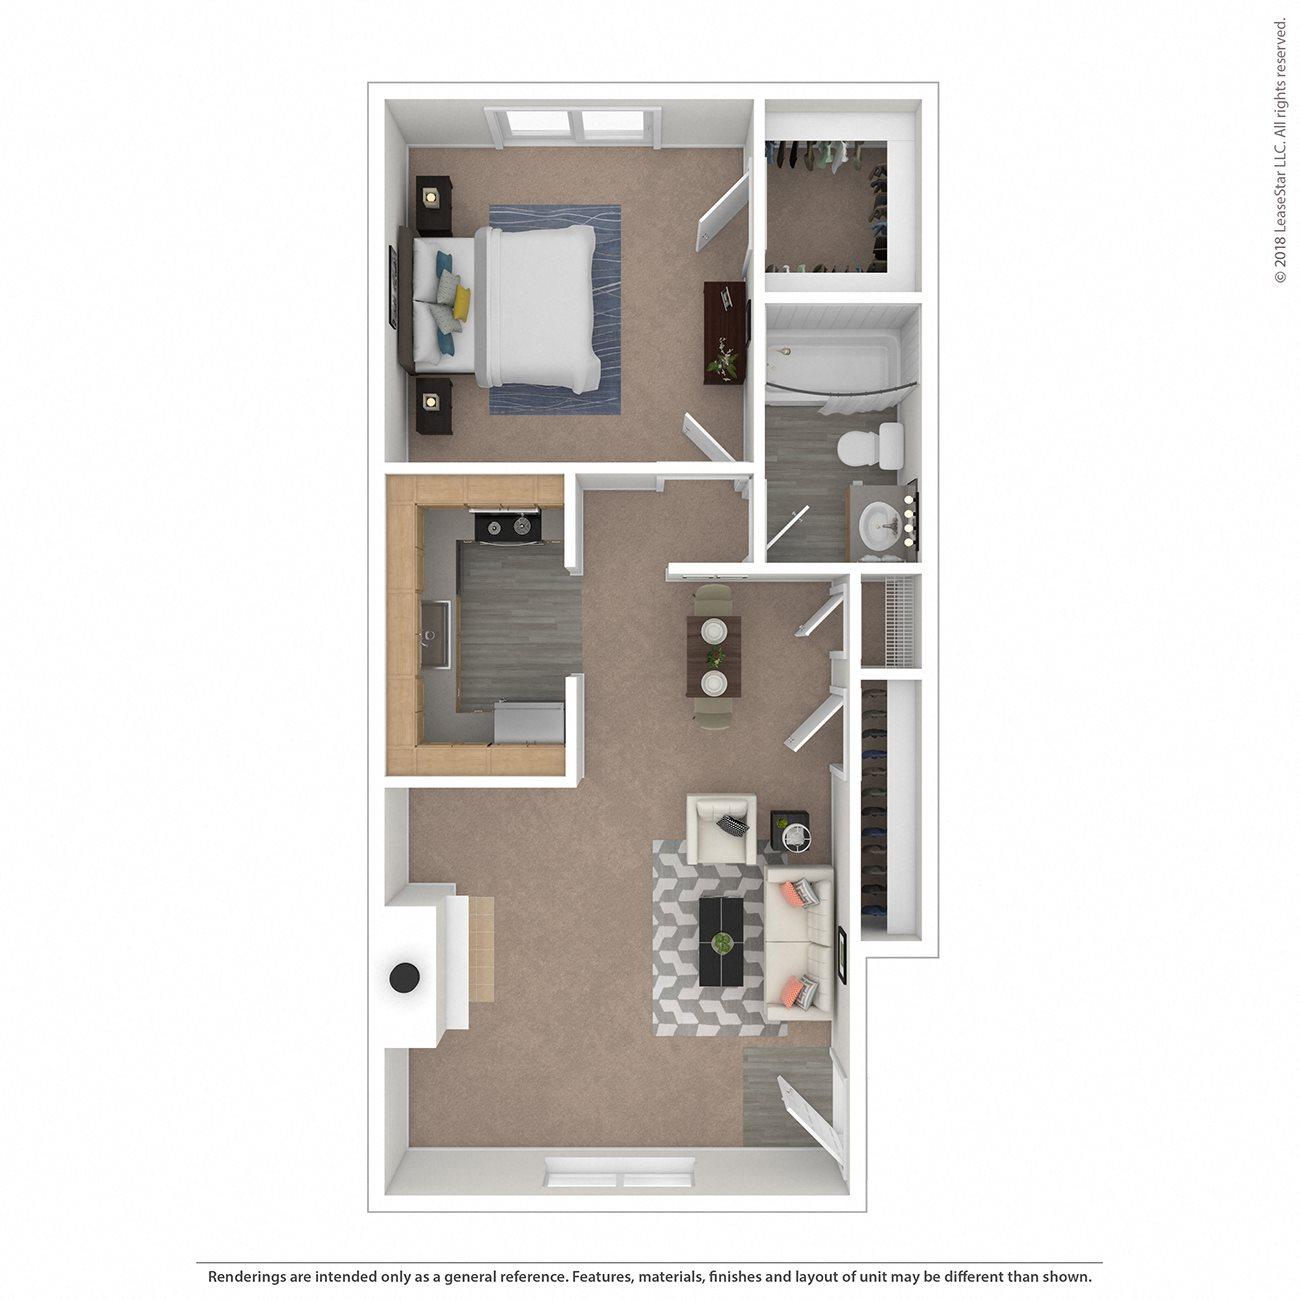 Villes Floor Plan 2